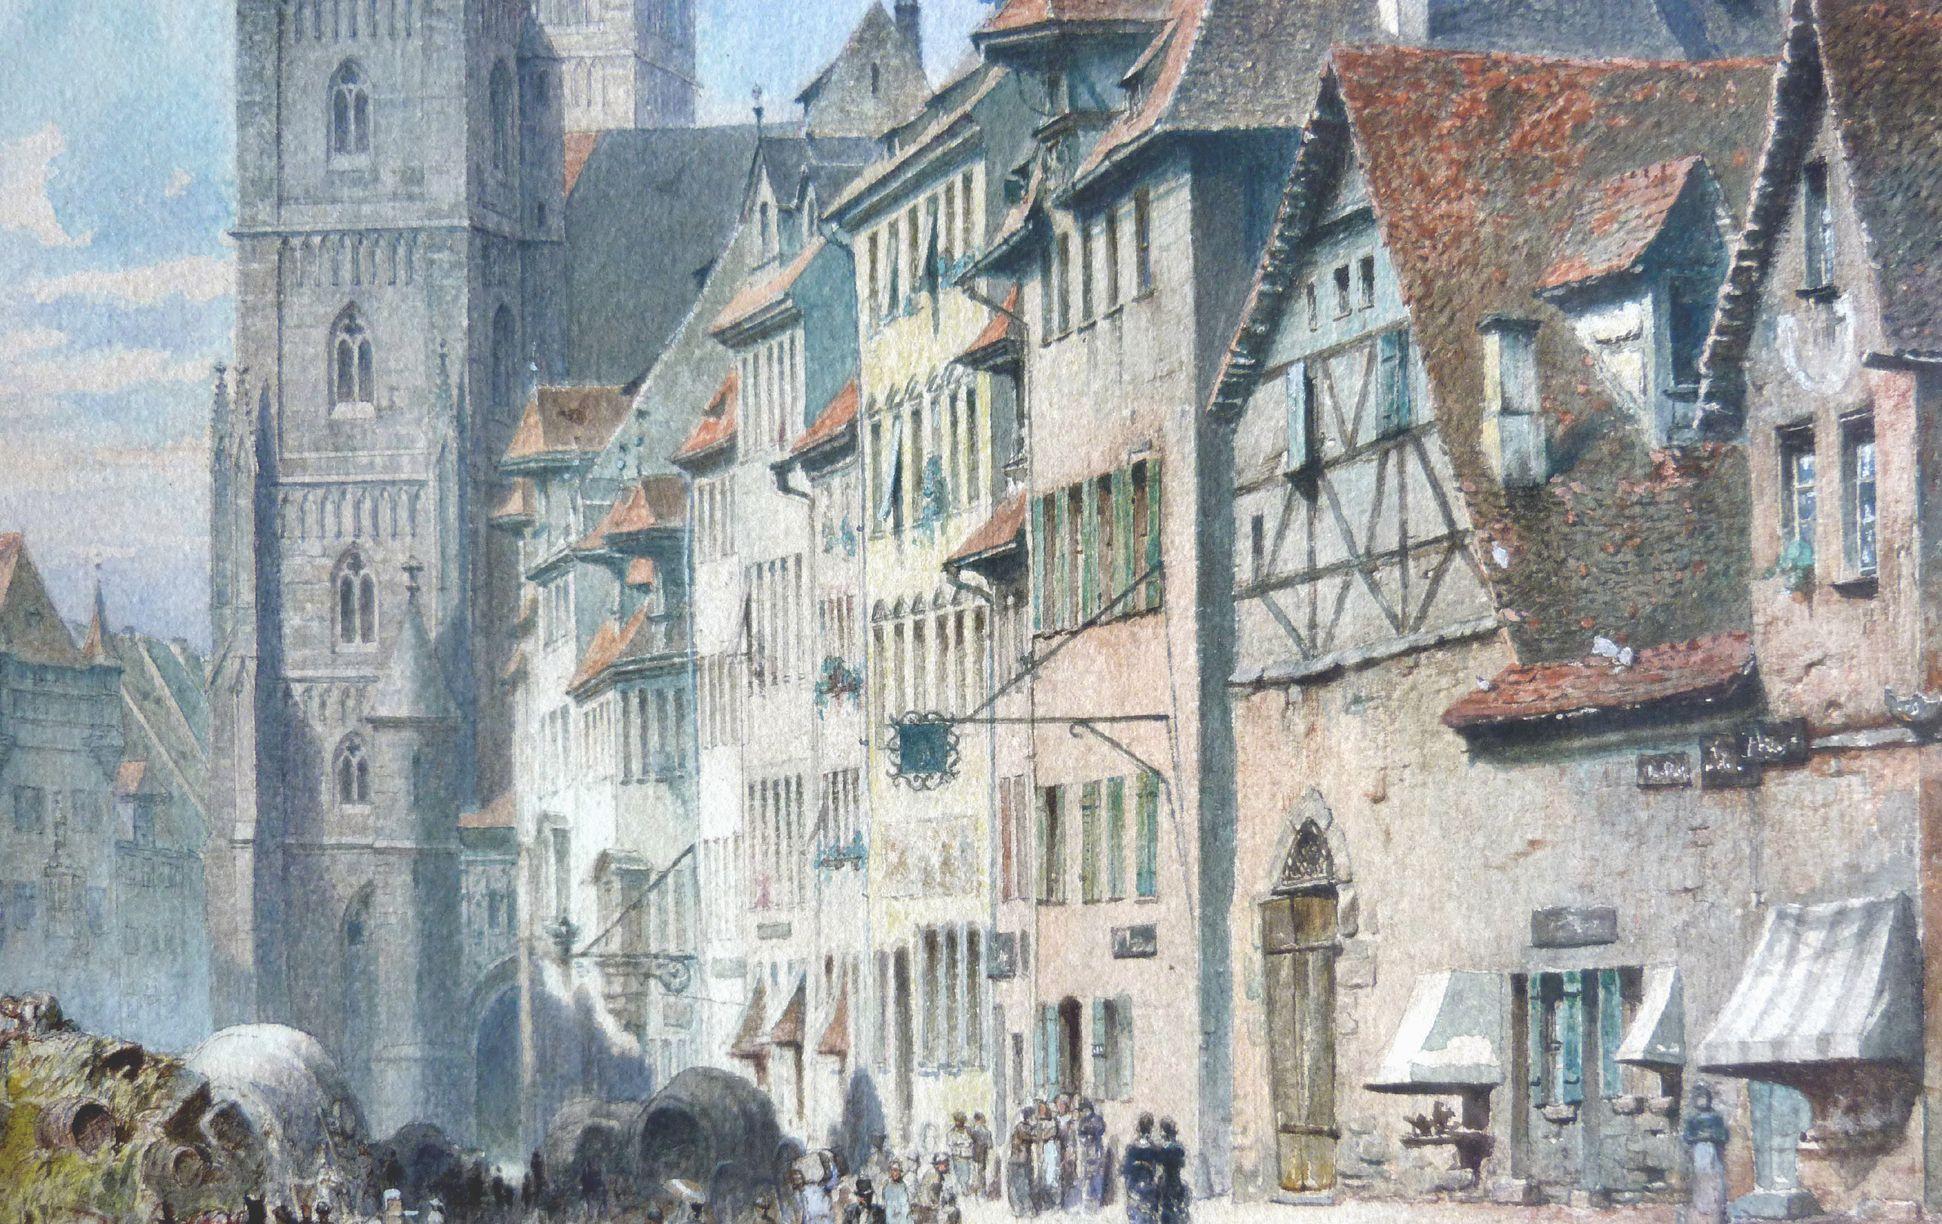 Königstraße with St. Lorenz-Church Row of houses